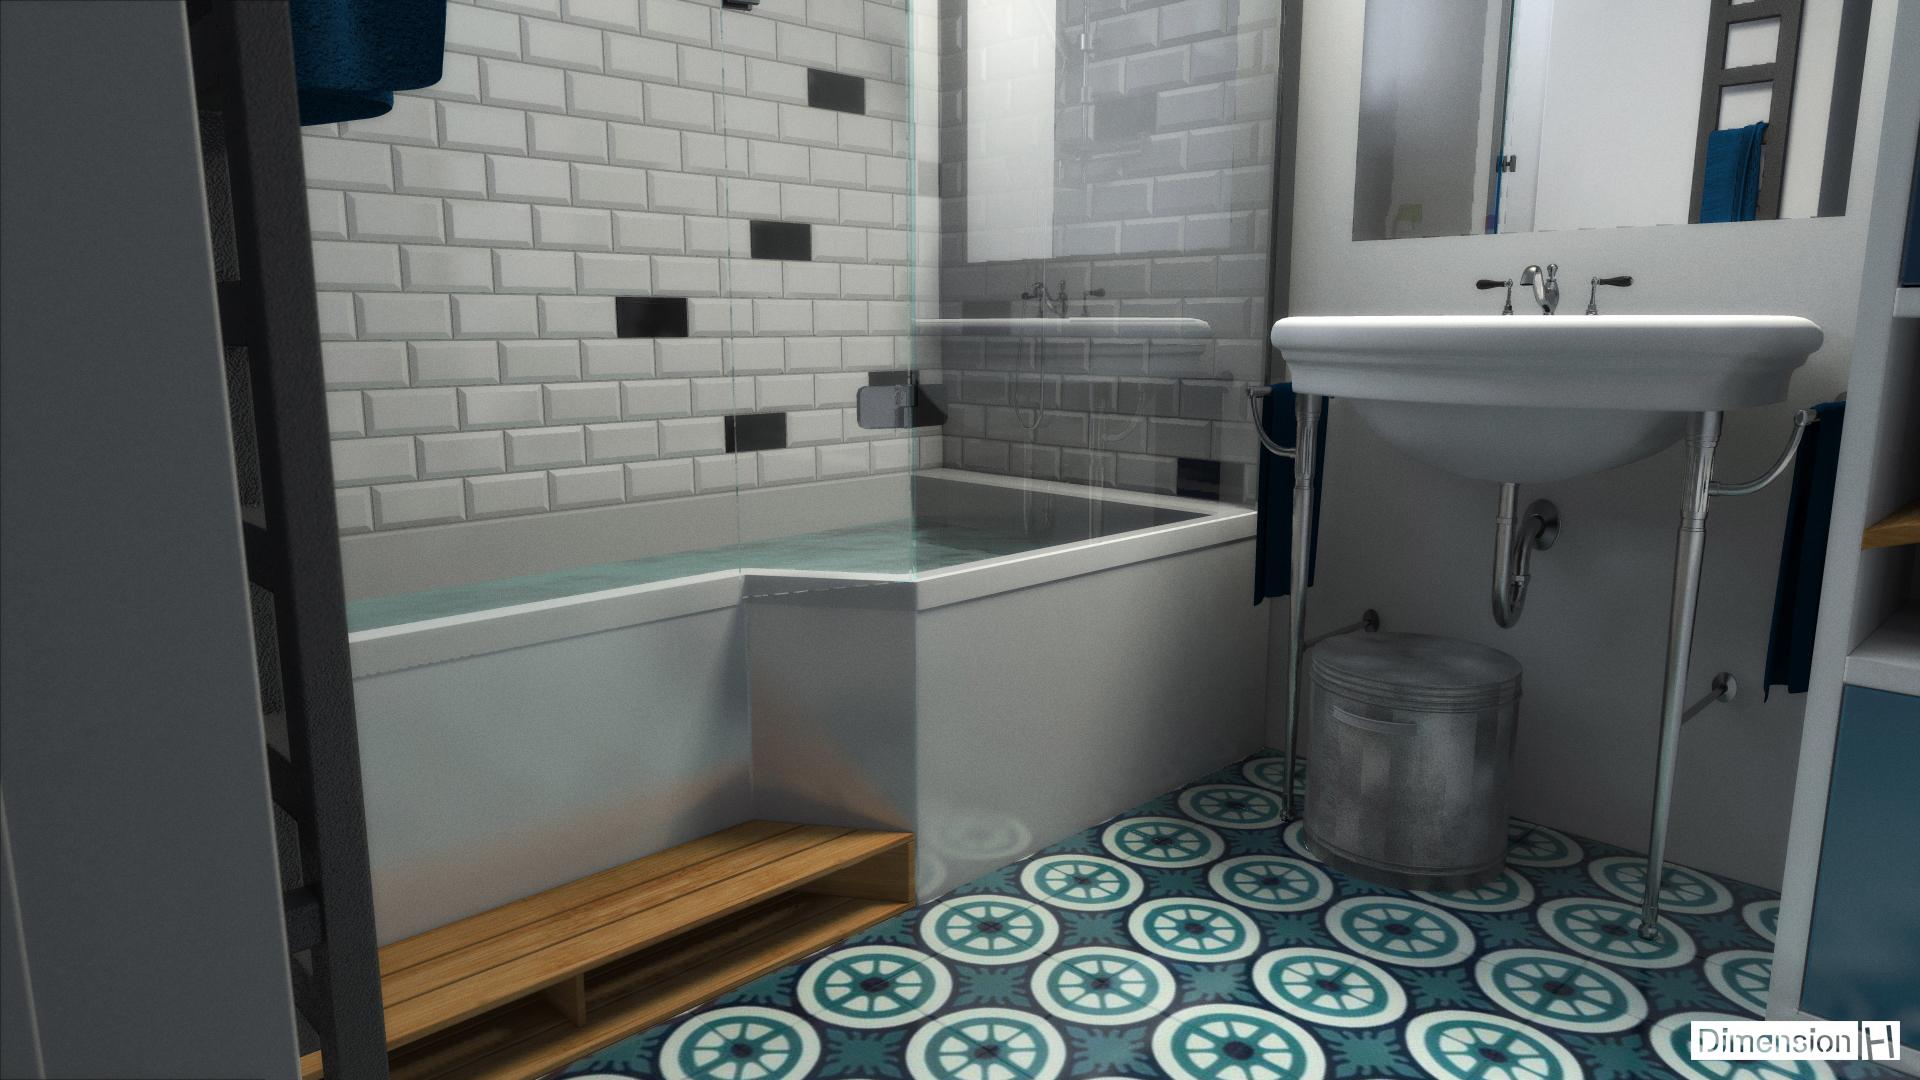 Dimension h salle de bains 4 m for Salle de bain dimension